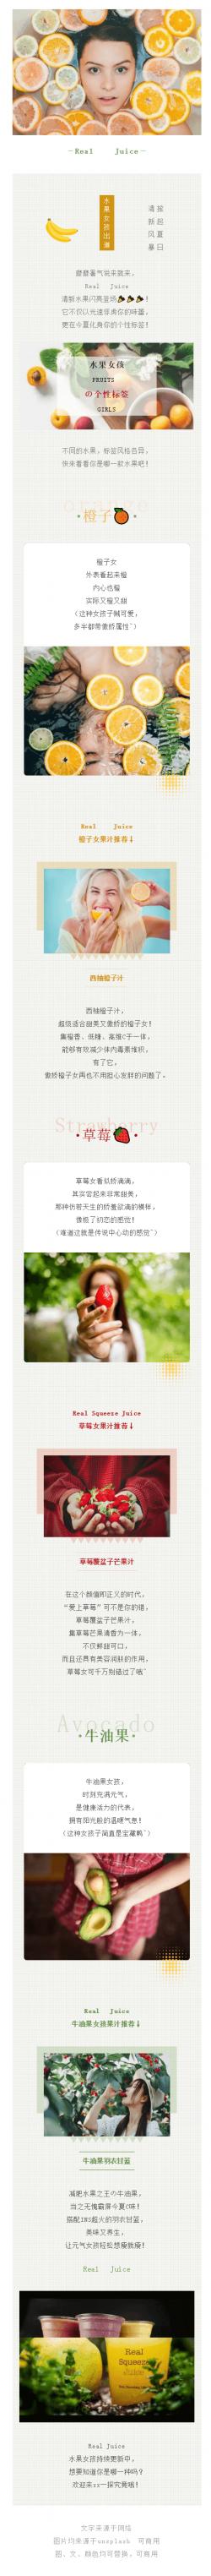 水果女孩标签网格背景微信文章模板